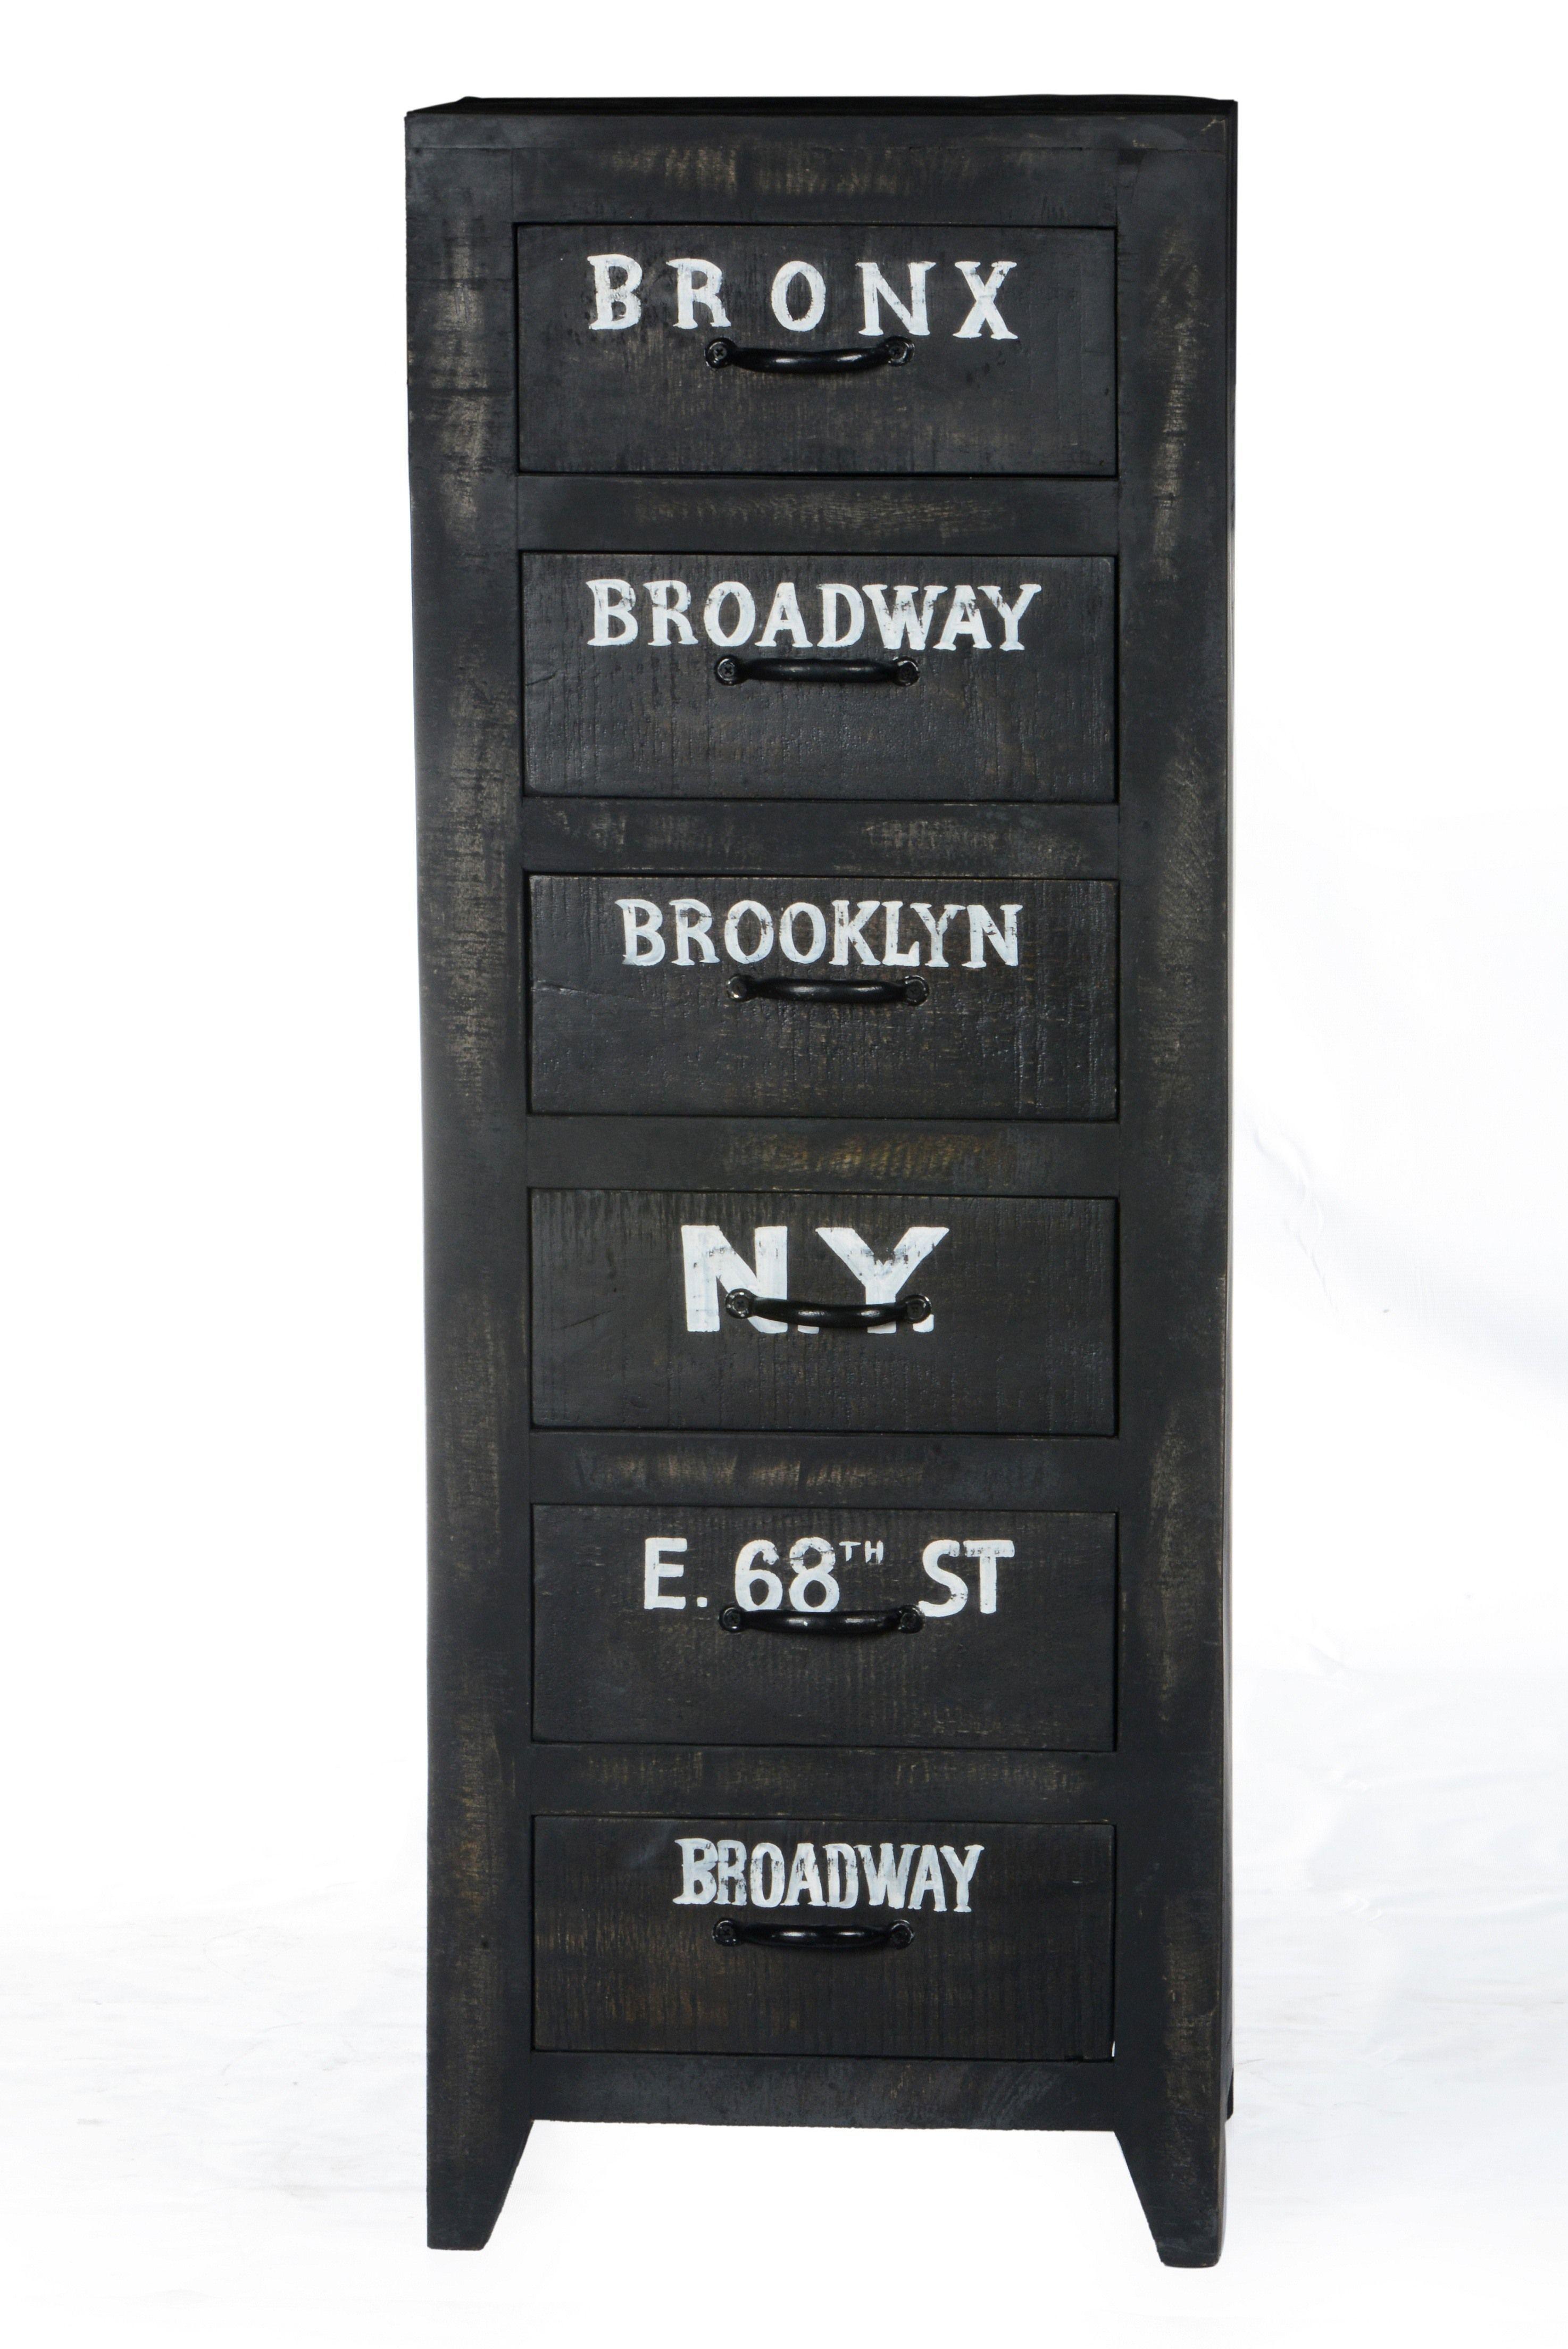 kommode antik schwarz lackiert massiv woody 11 01326 holz vintage jetzt bestellen unter https - Wohnzimmer Kommode Antik